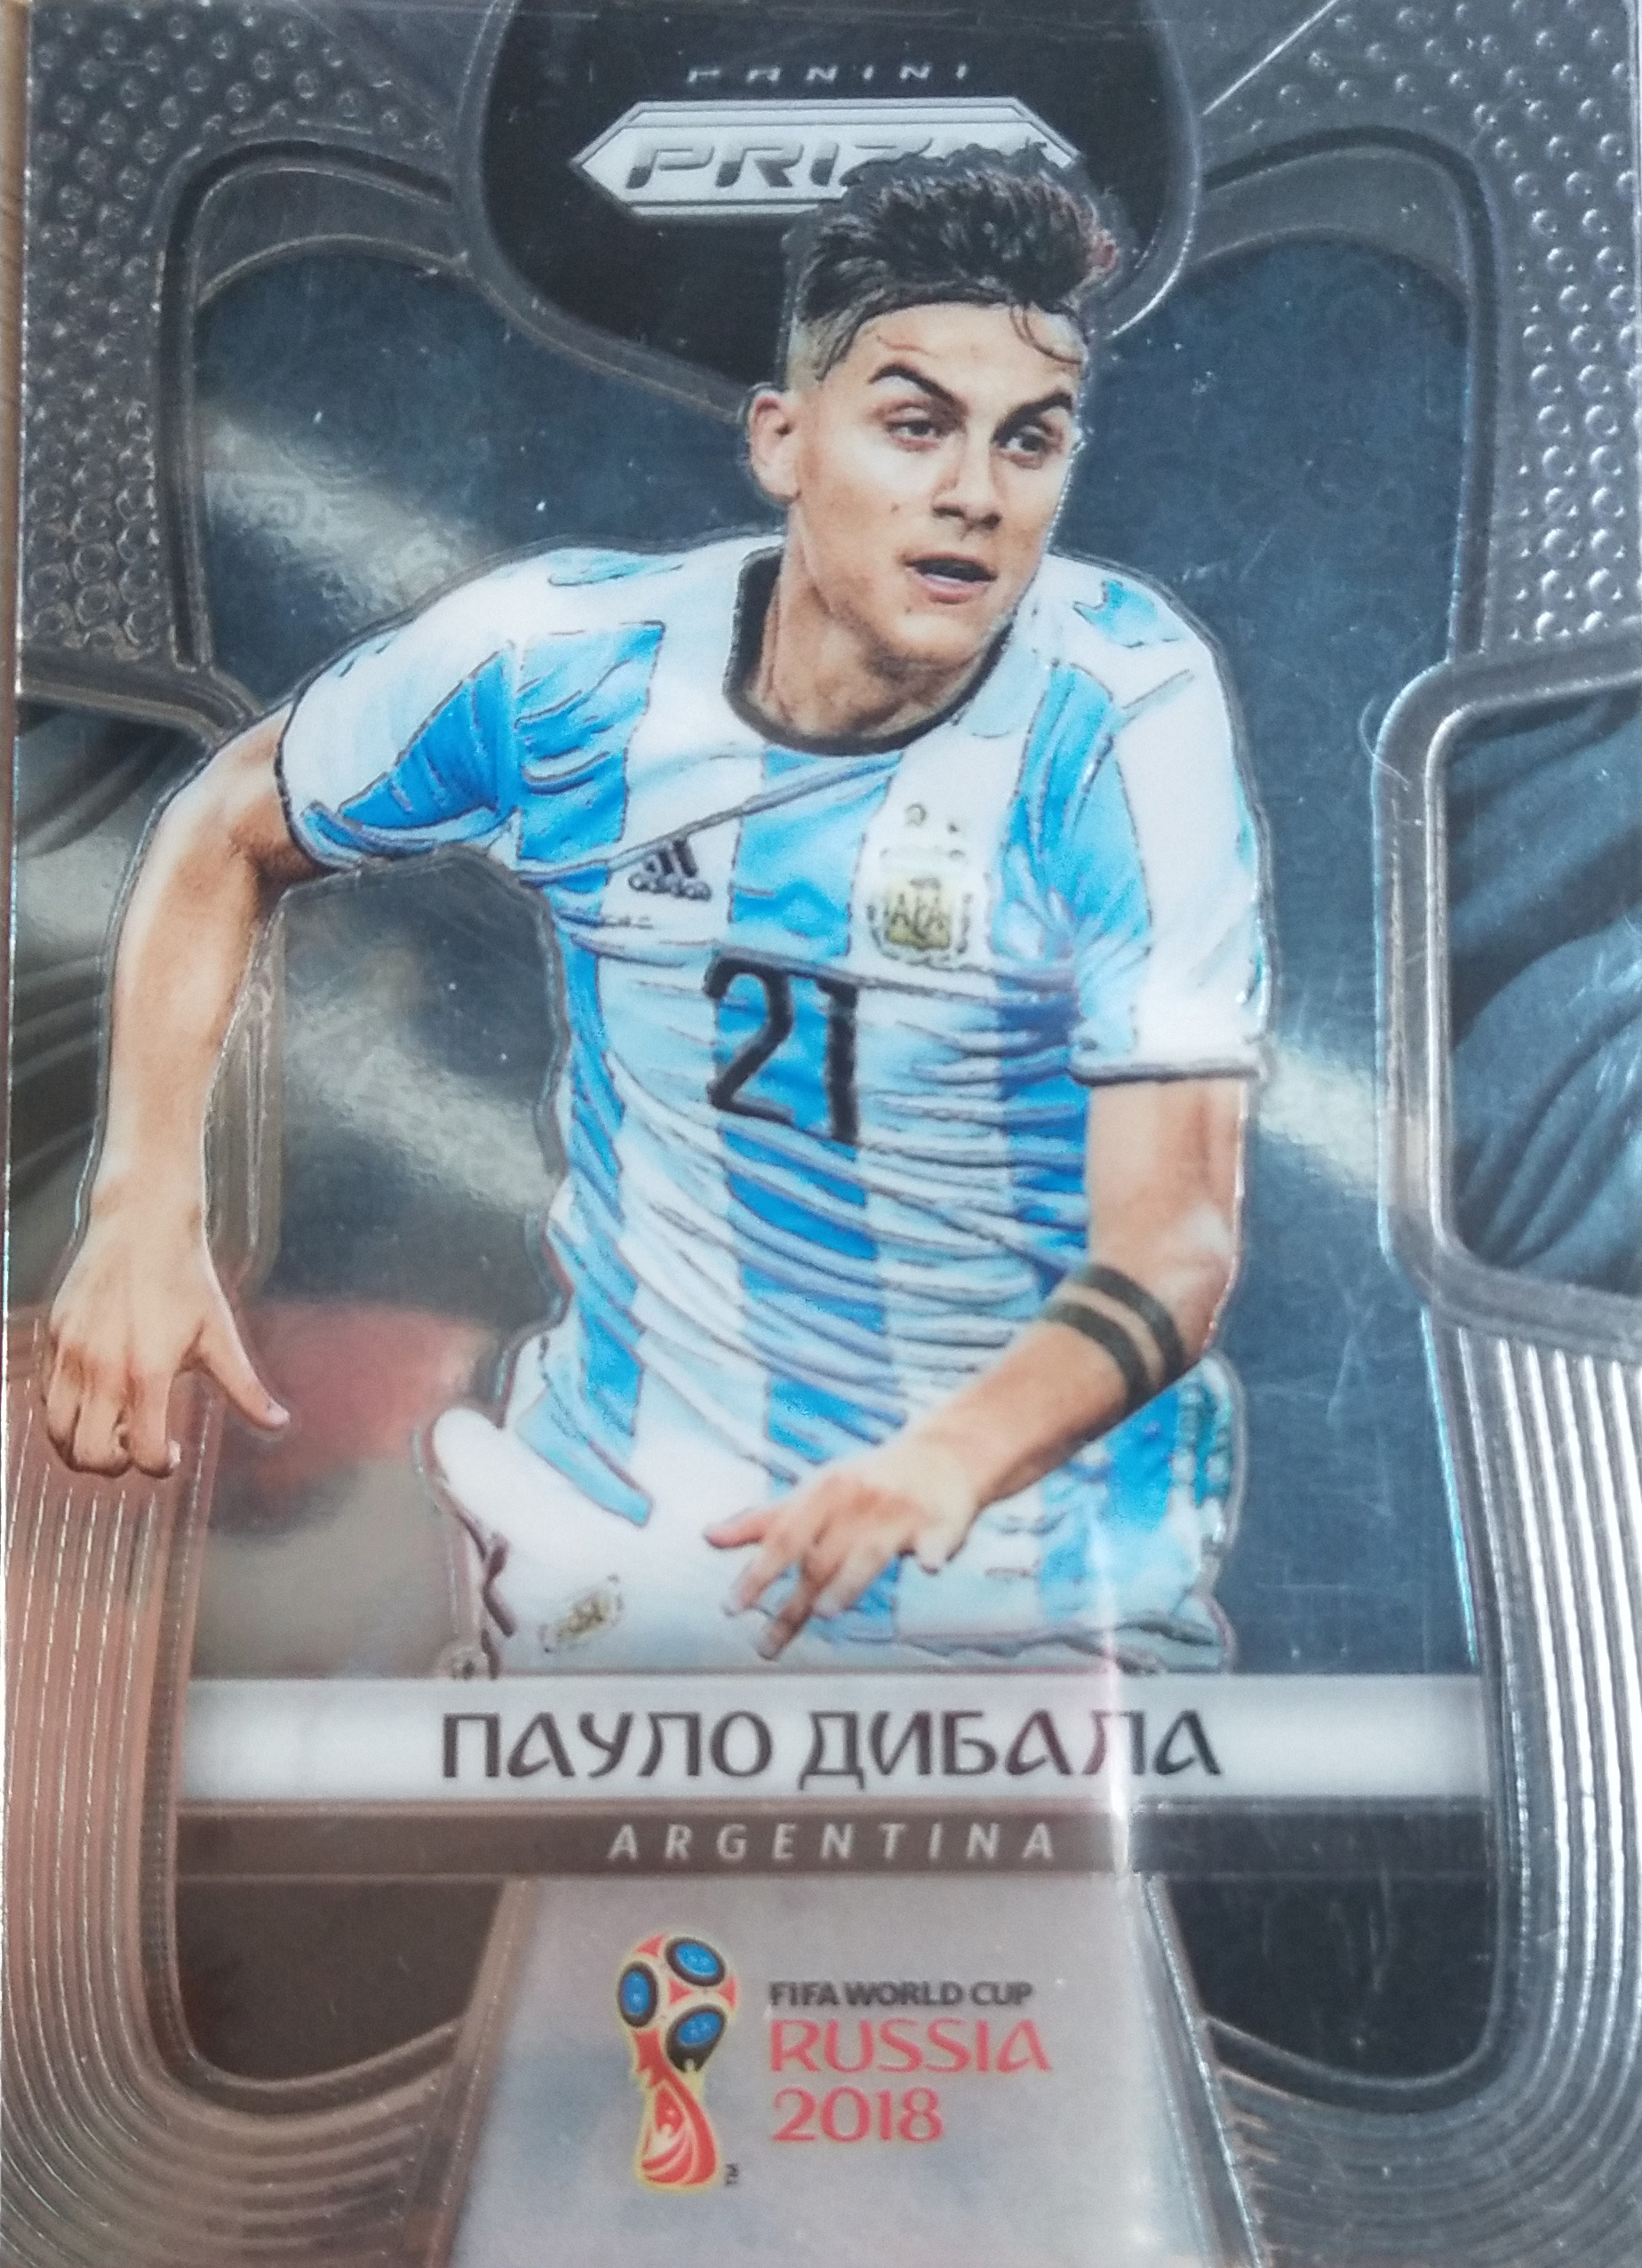 【自若清风】2018Panini帕尼尼俄罗斯世界杯球星卡Paulo Dybala迪巴拉阿根廷俄语变异NO.10普卡